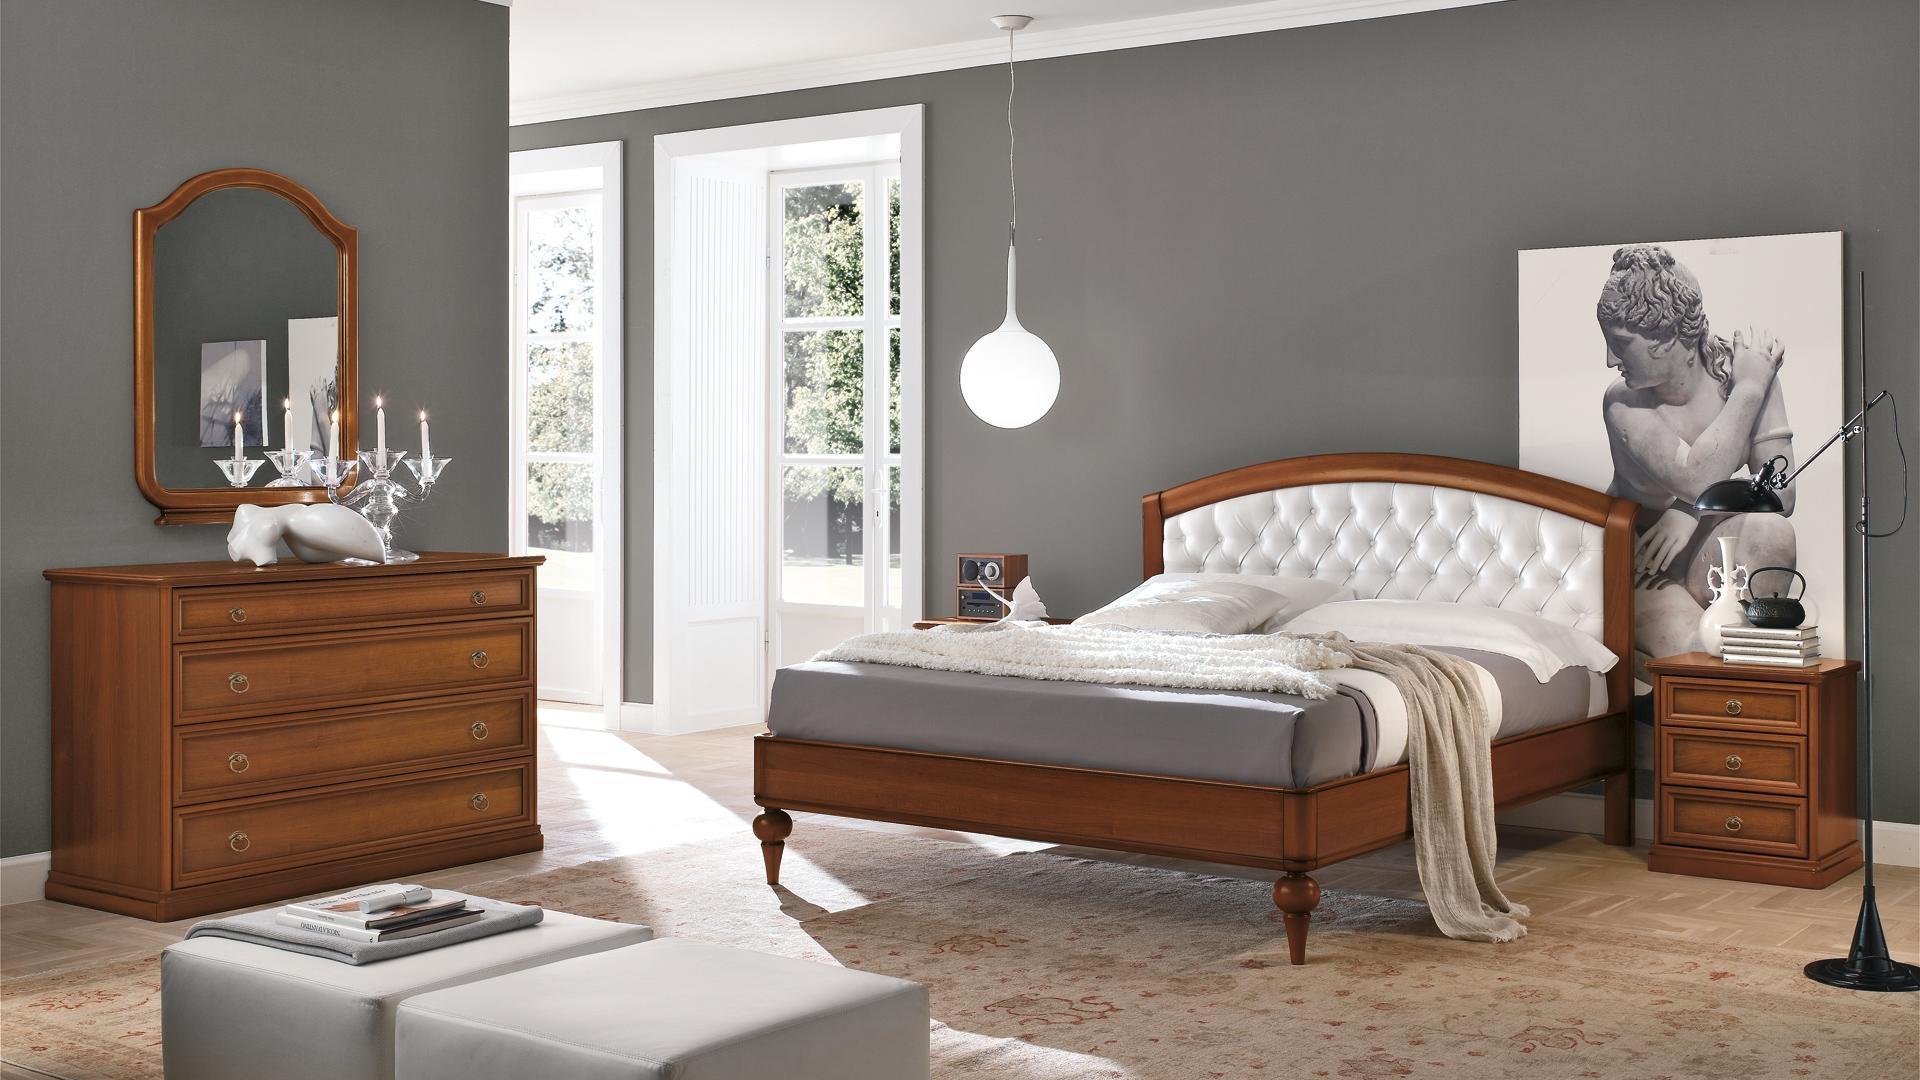 Arredi saguto la tua casa da vivere caltanissetta - Camera da letto berloni ...